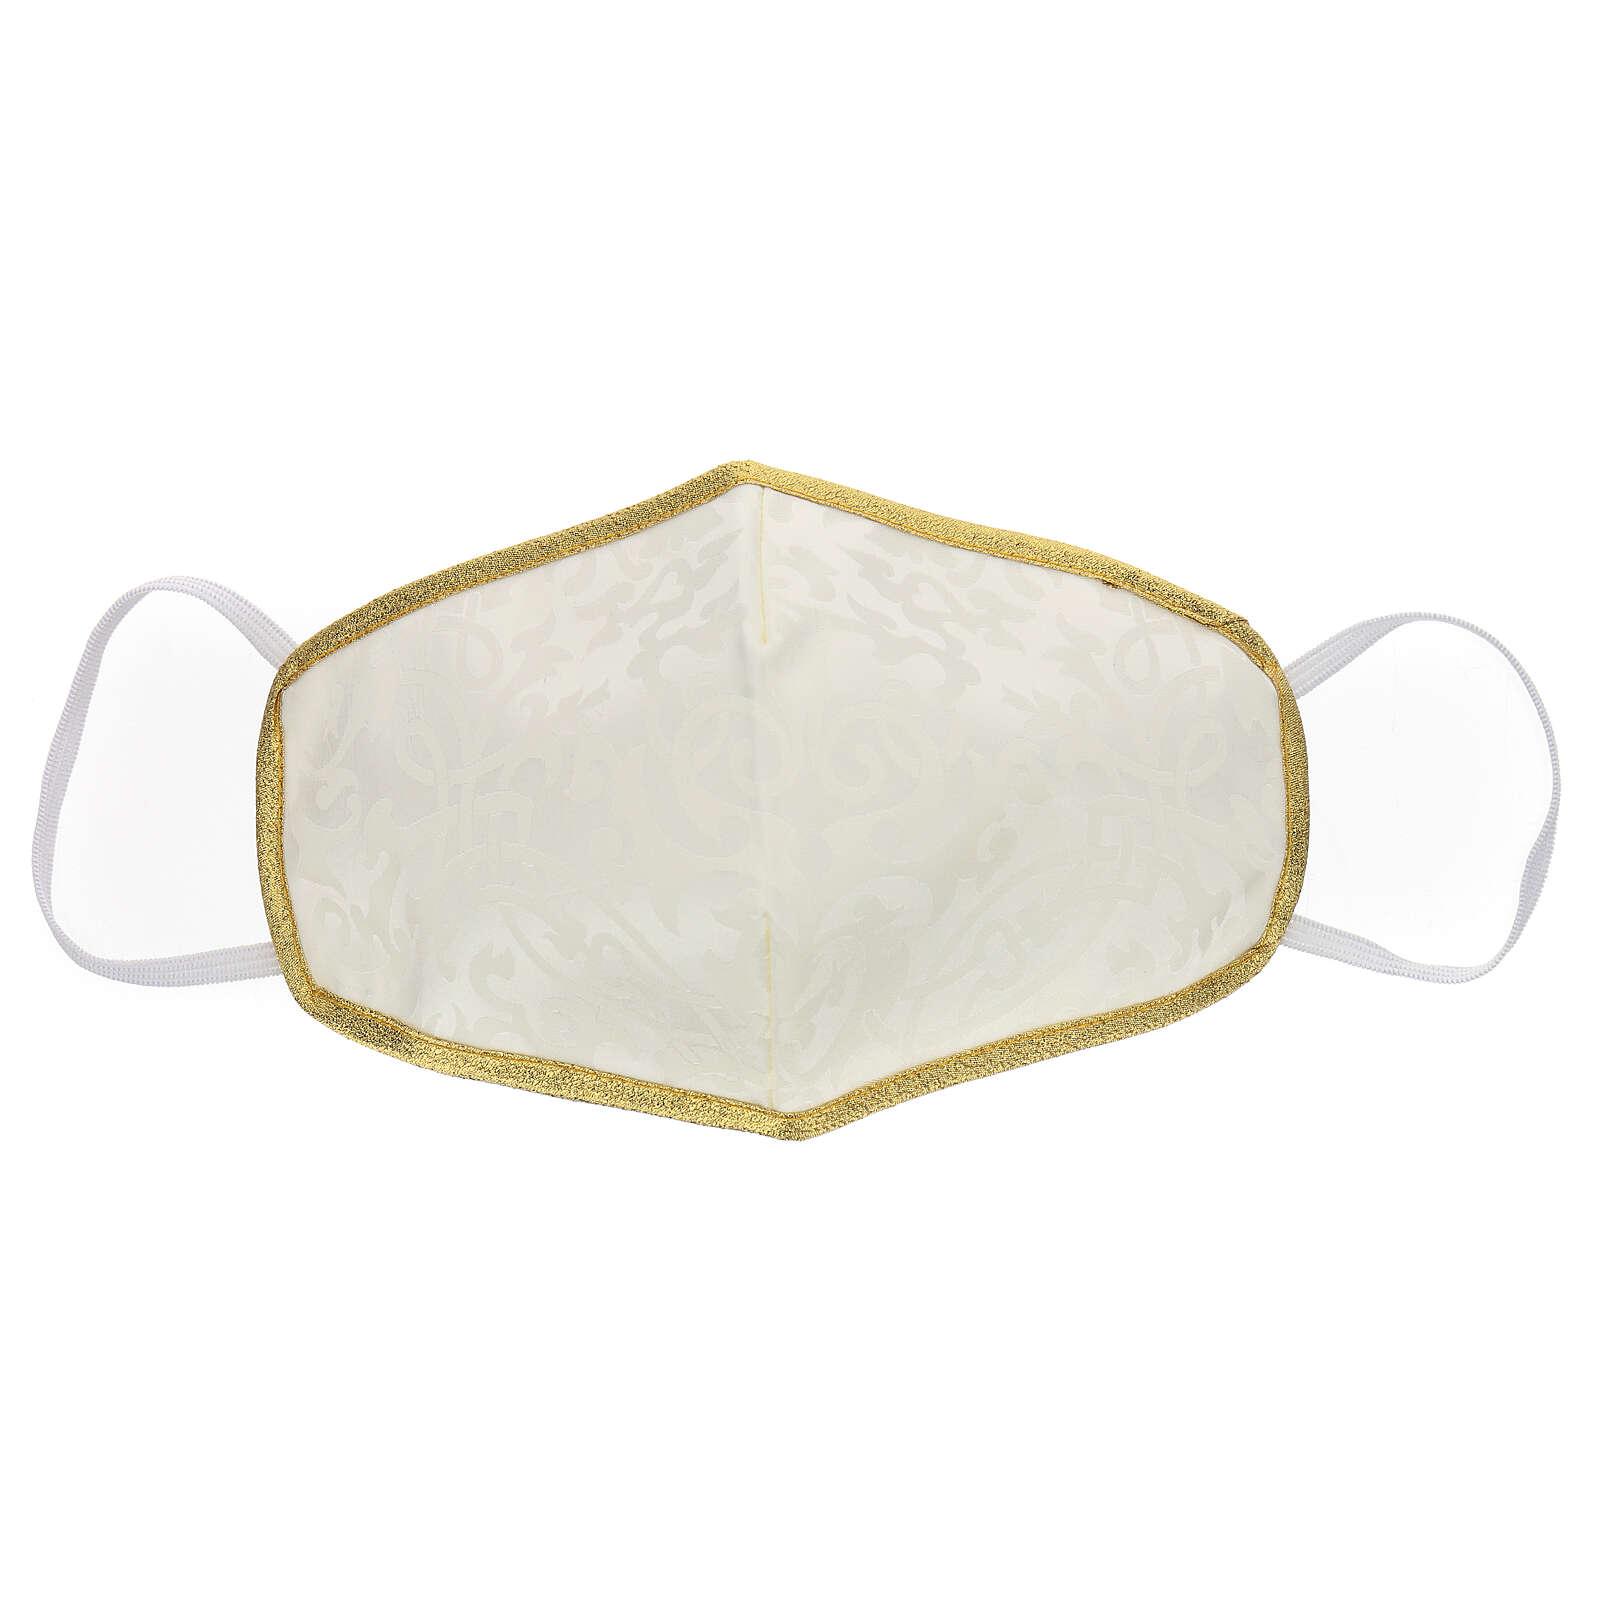 Stoffmaske, waschbar, elfenbein/gold 3